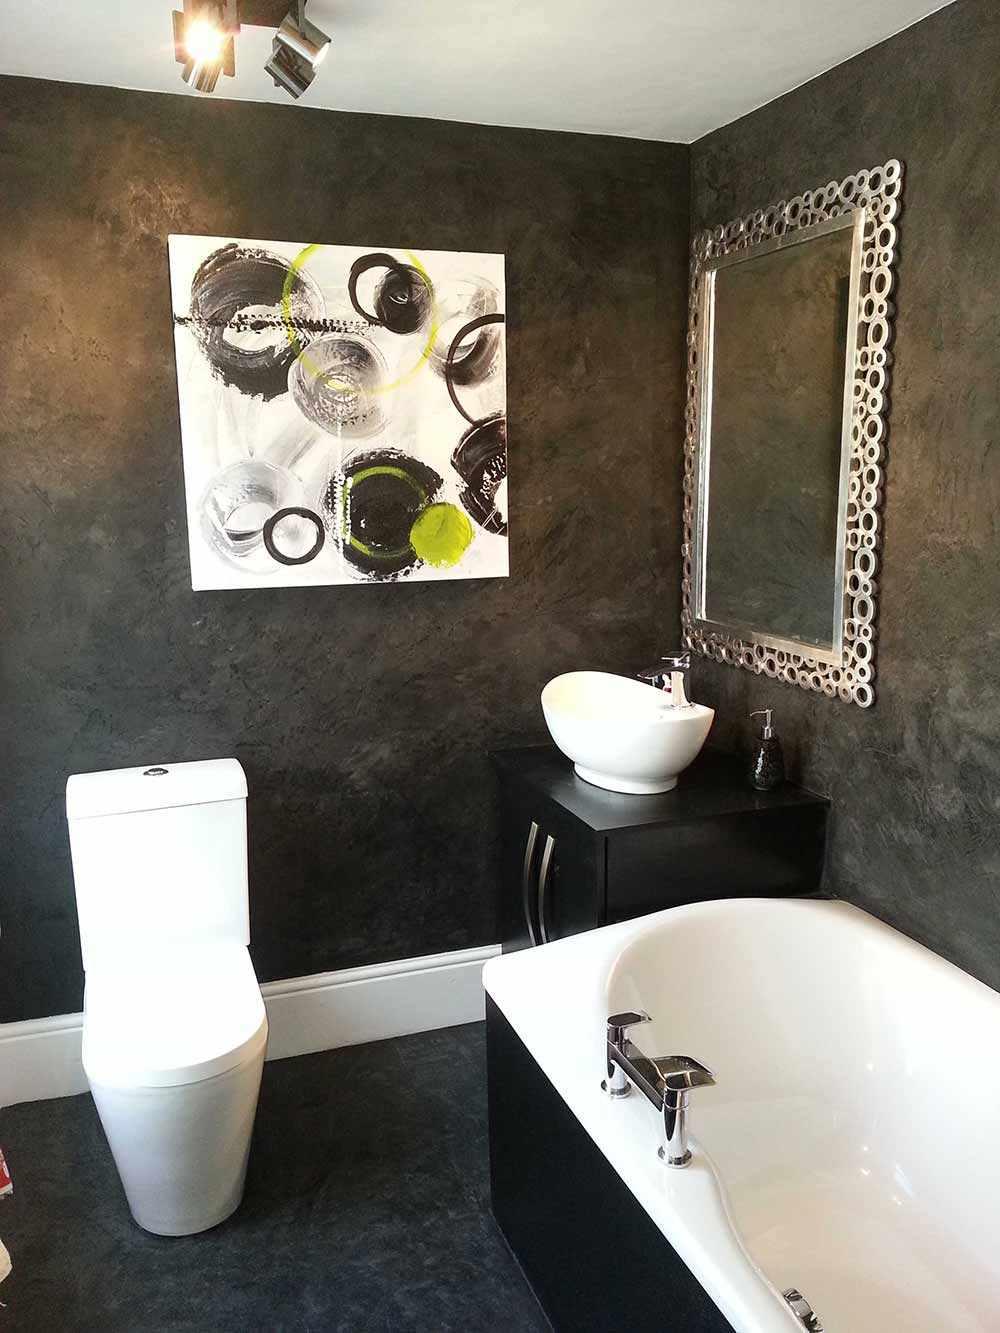 вариант применения яркой декоративной штукатурки в дизайне ванной